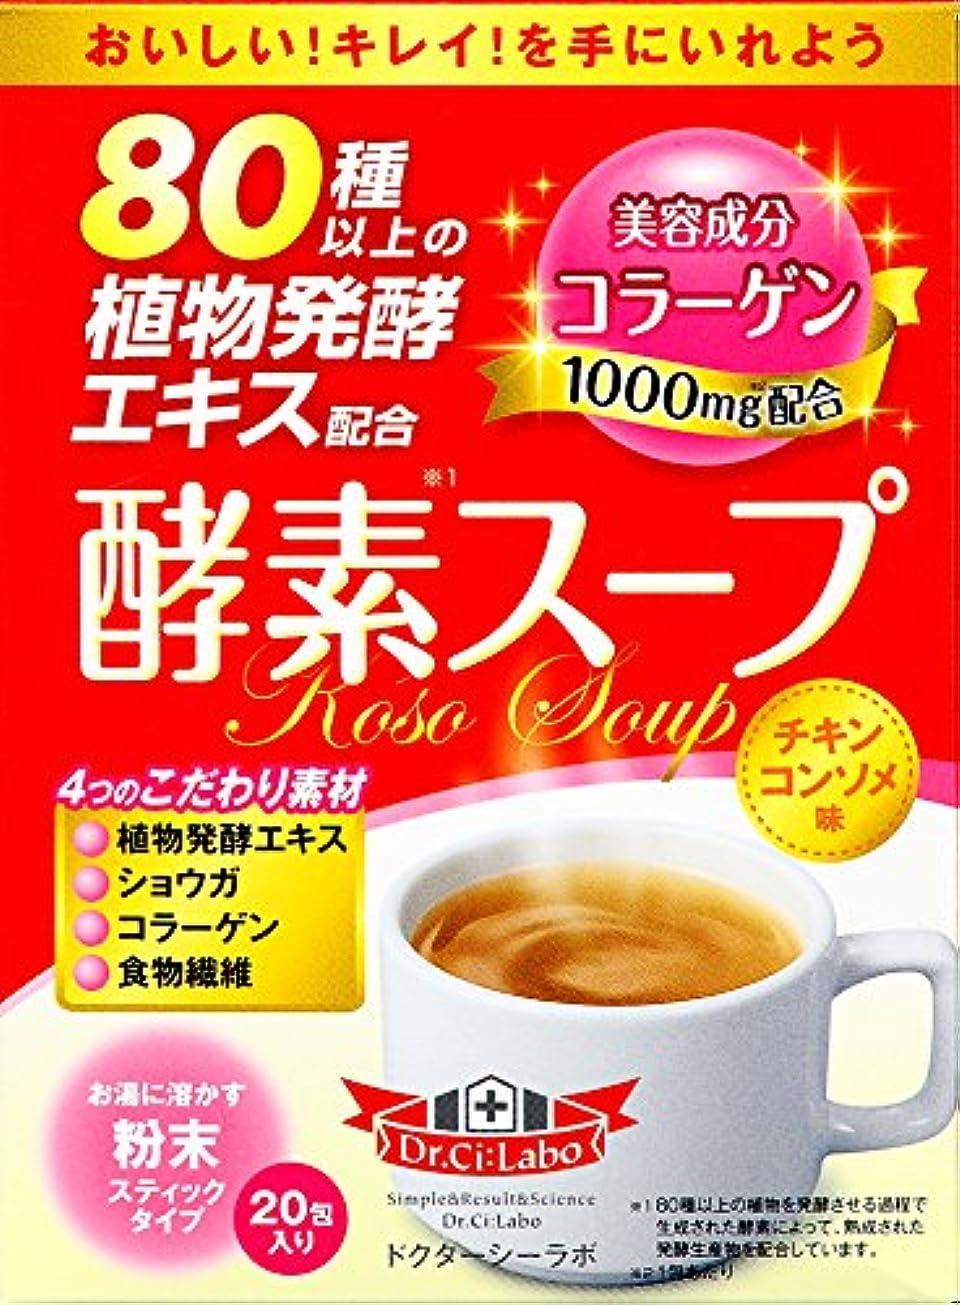 疑い者幻想的挑発するドクターシーラボ 酵素スープ スティックタイプ 5g×20包 植物発酵エキス配合 乾燥スープ